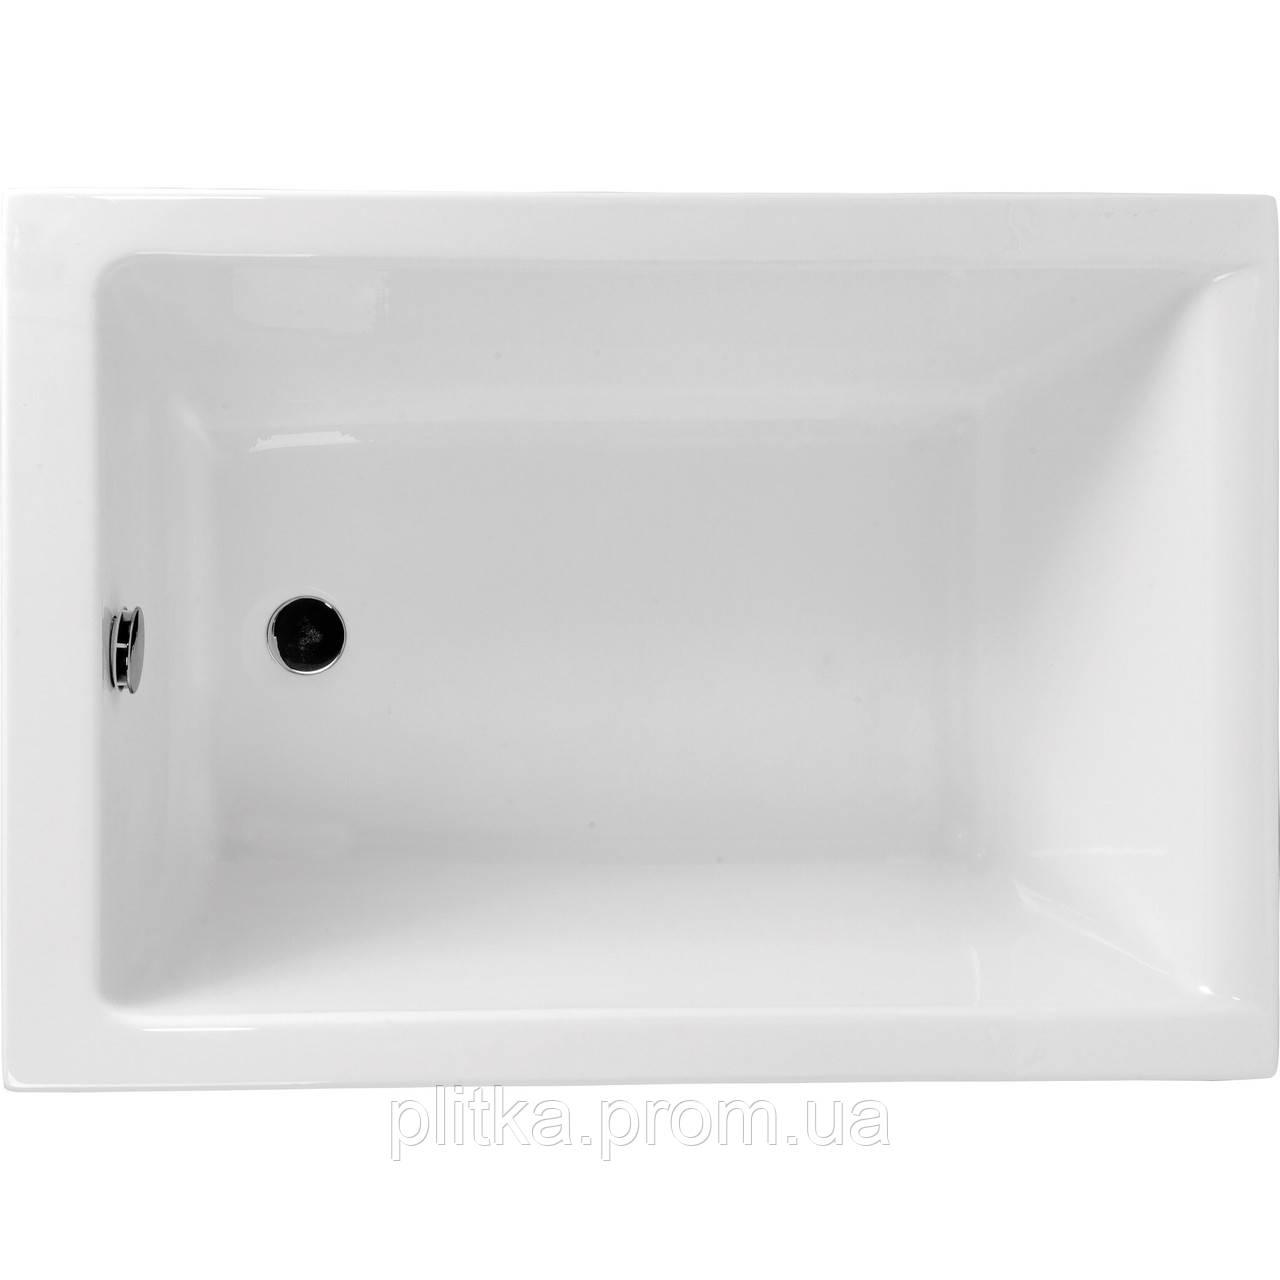 Ванна прямоугольная CAPRI 100x70